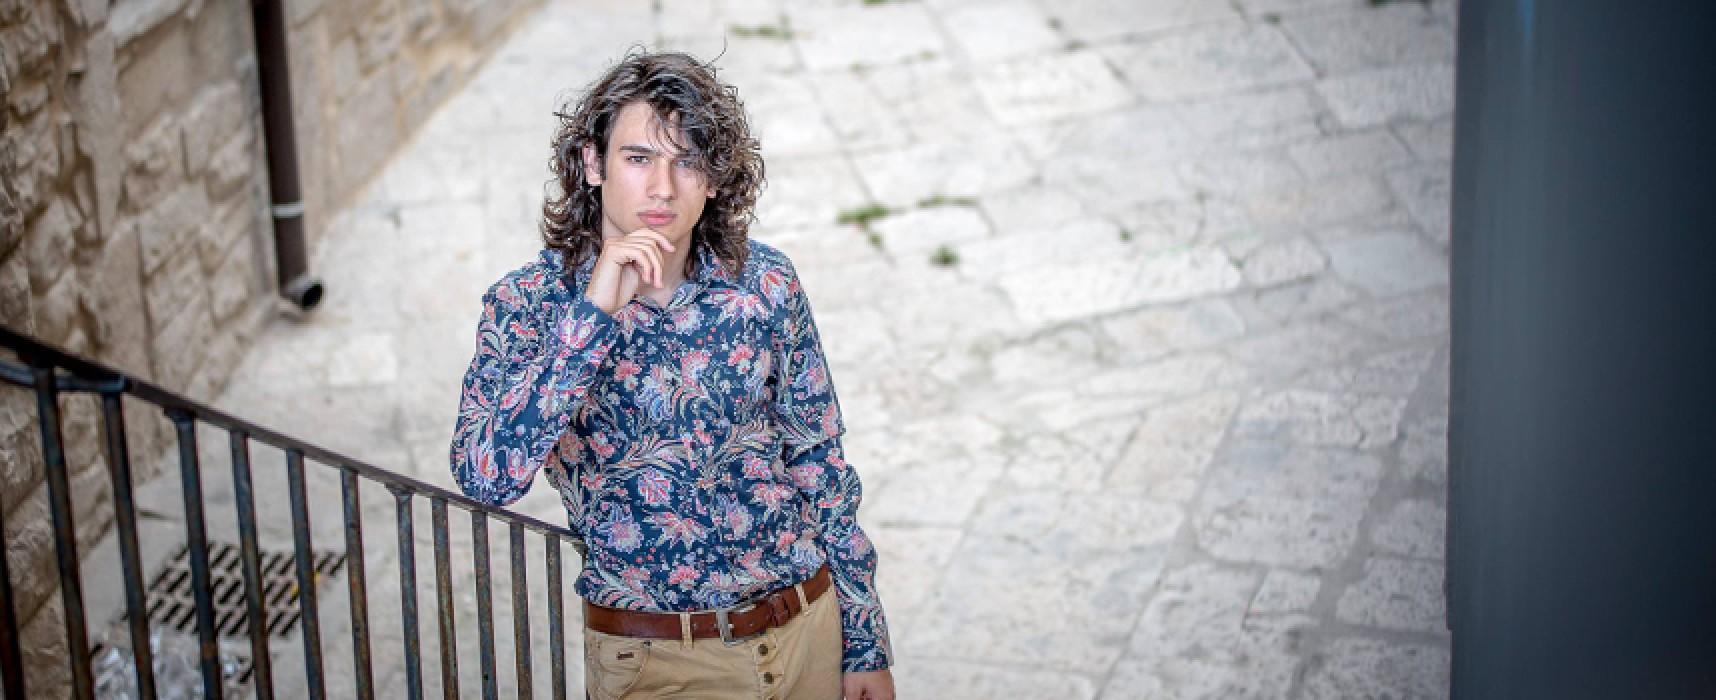 """""""La mia domenica"""" il nuovo singolo del cantautore biscegliese Giuseppe De Candia /VIDEO E INTERVISTA"""